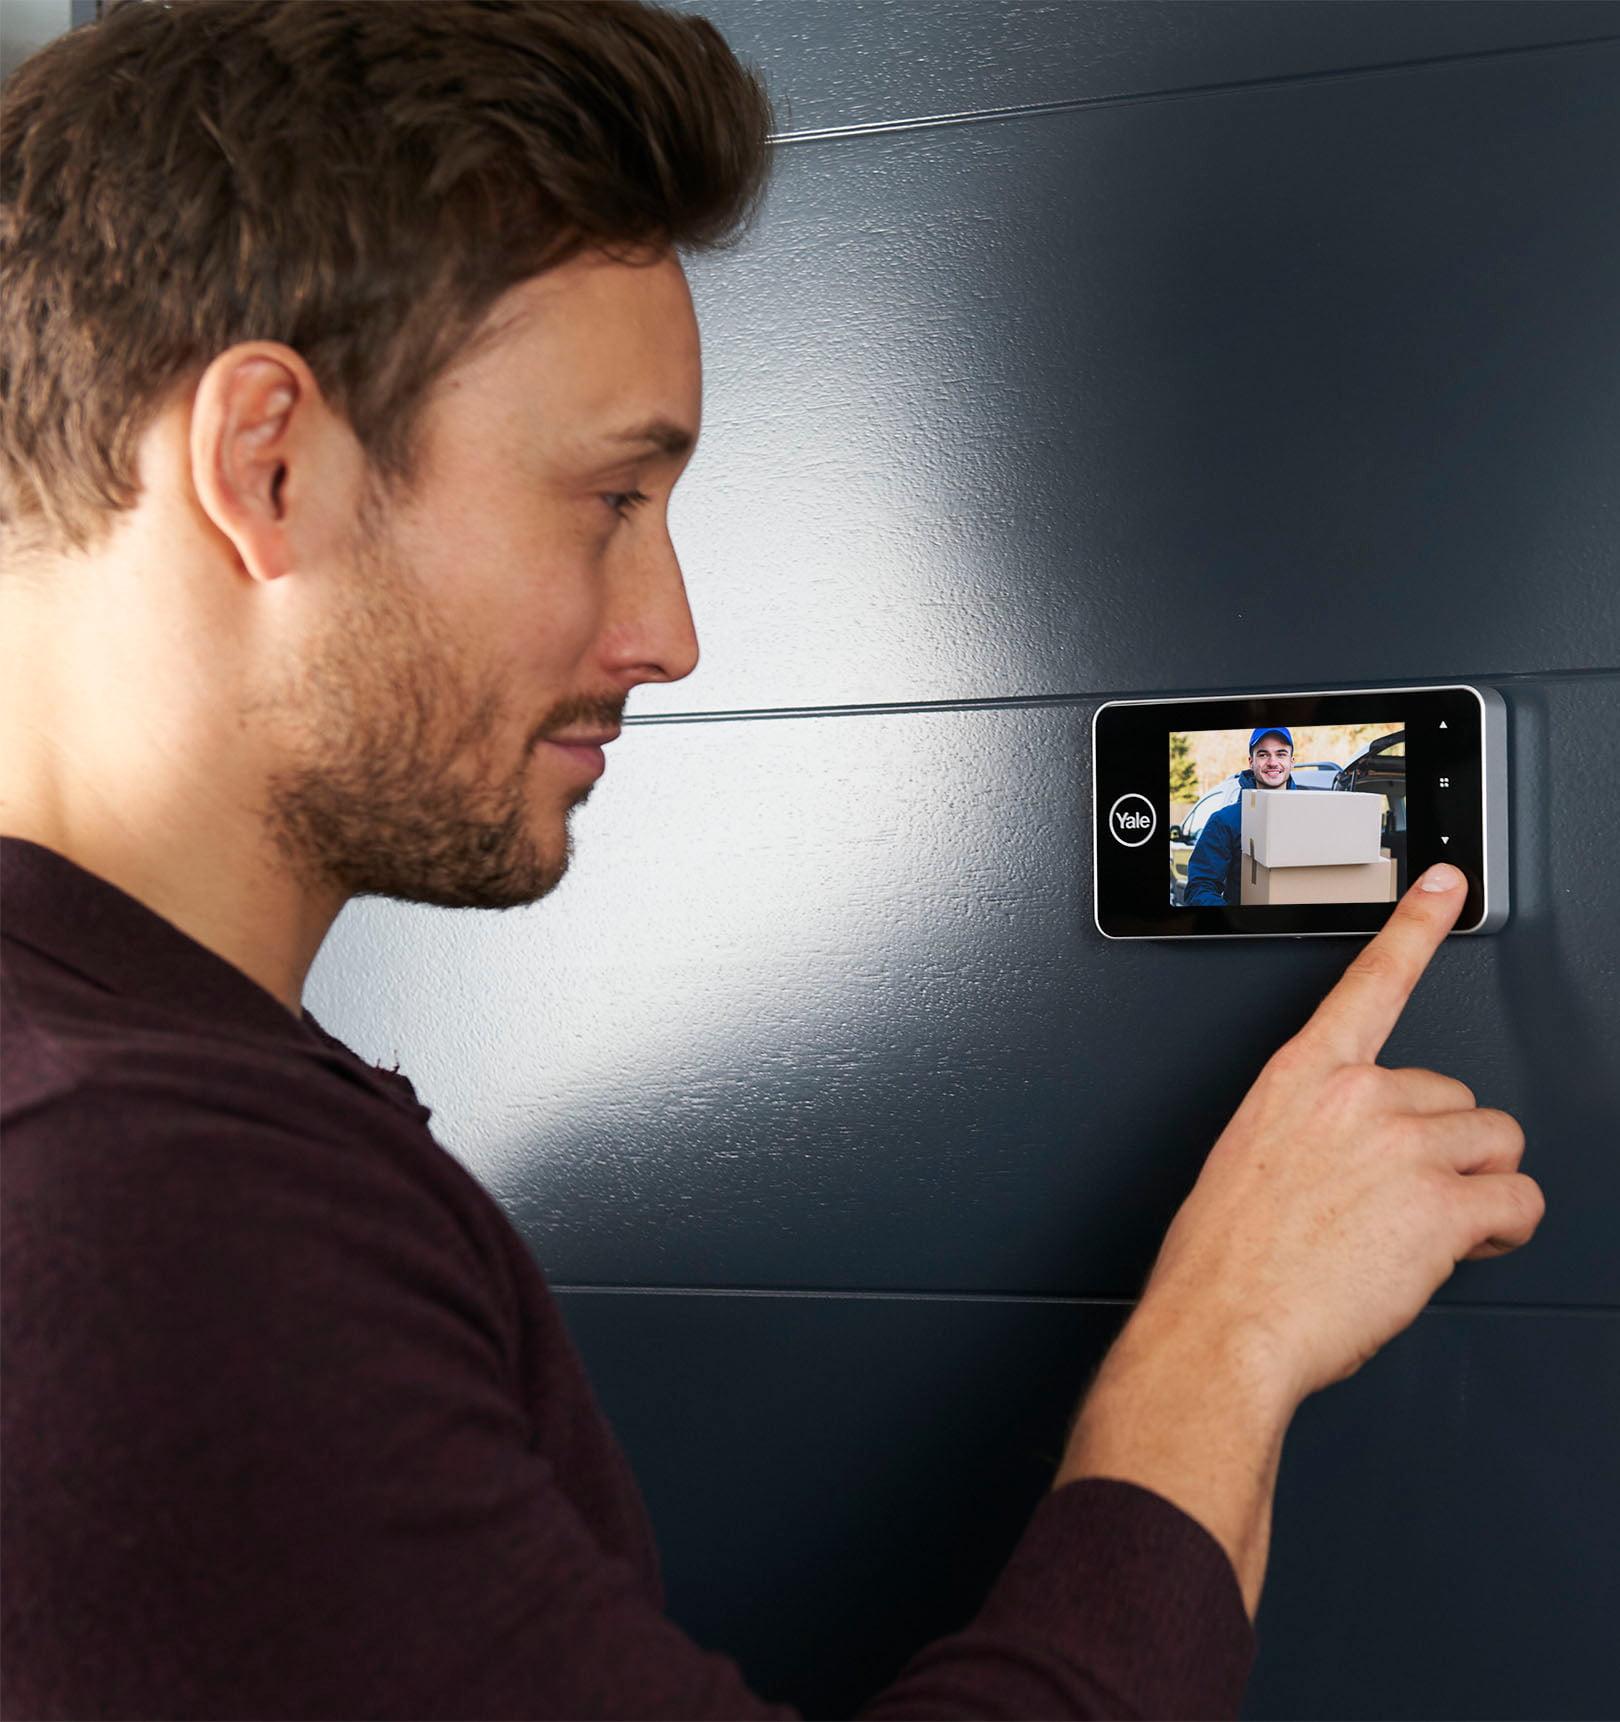 Digitale deurspion Yale